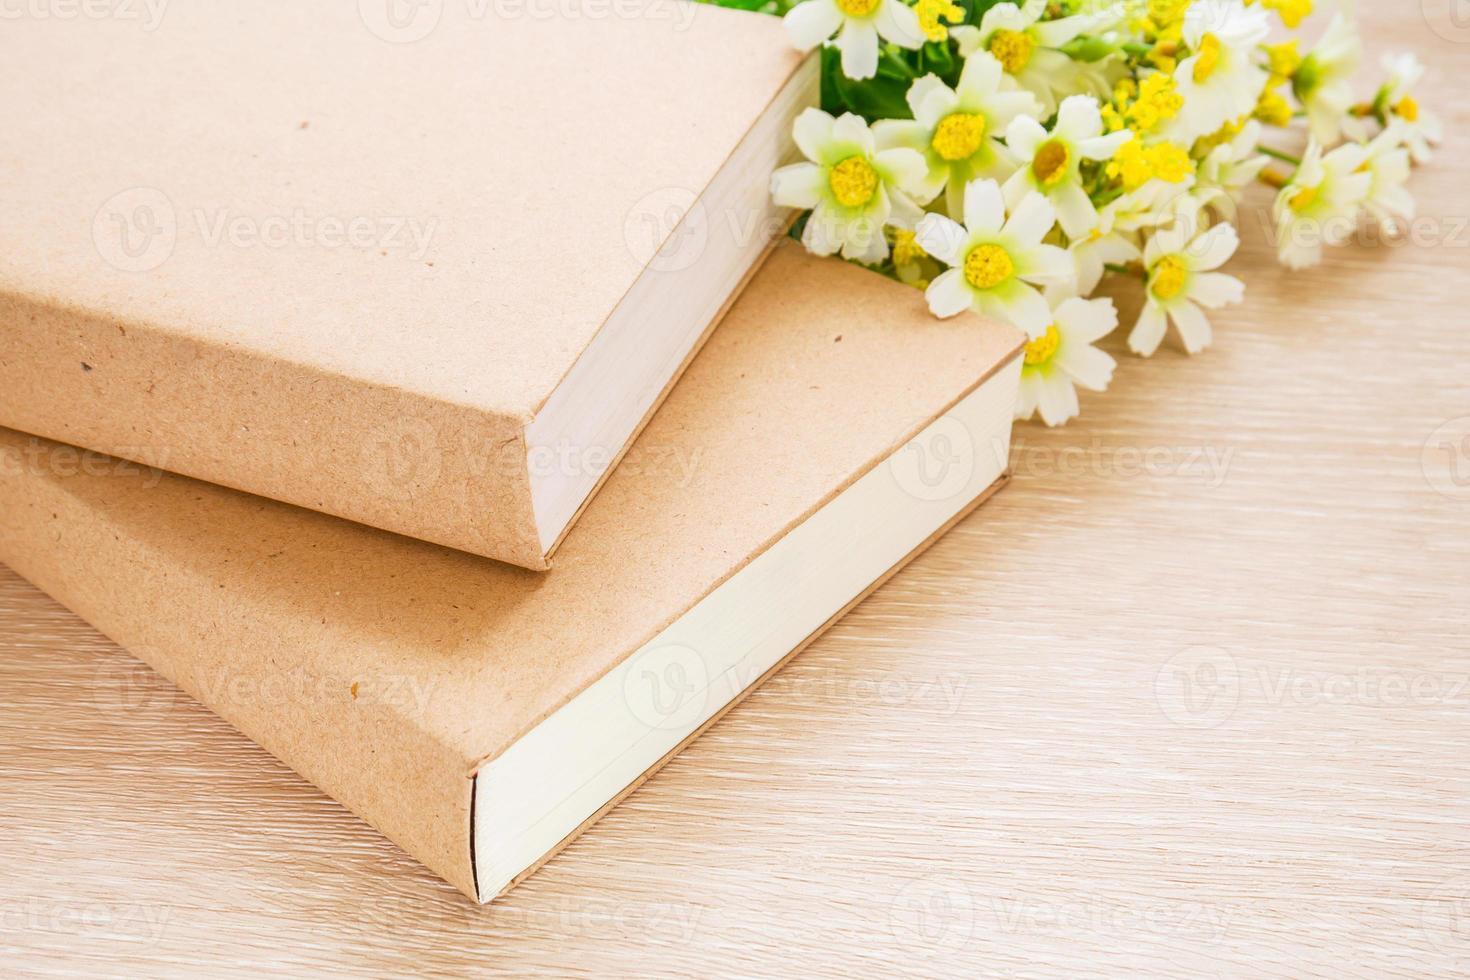 libri e fiori margherita foto